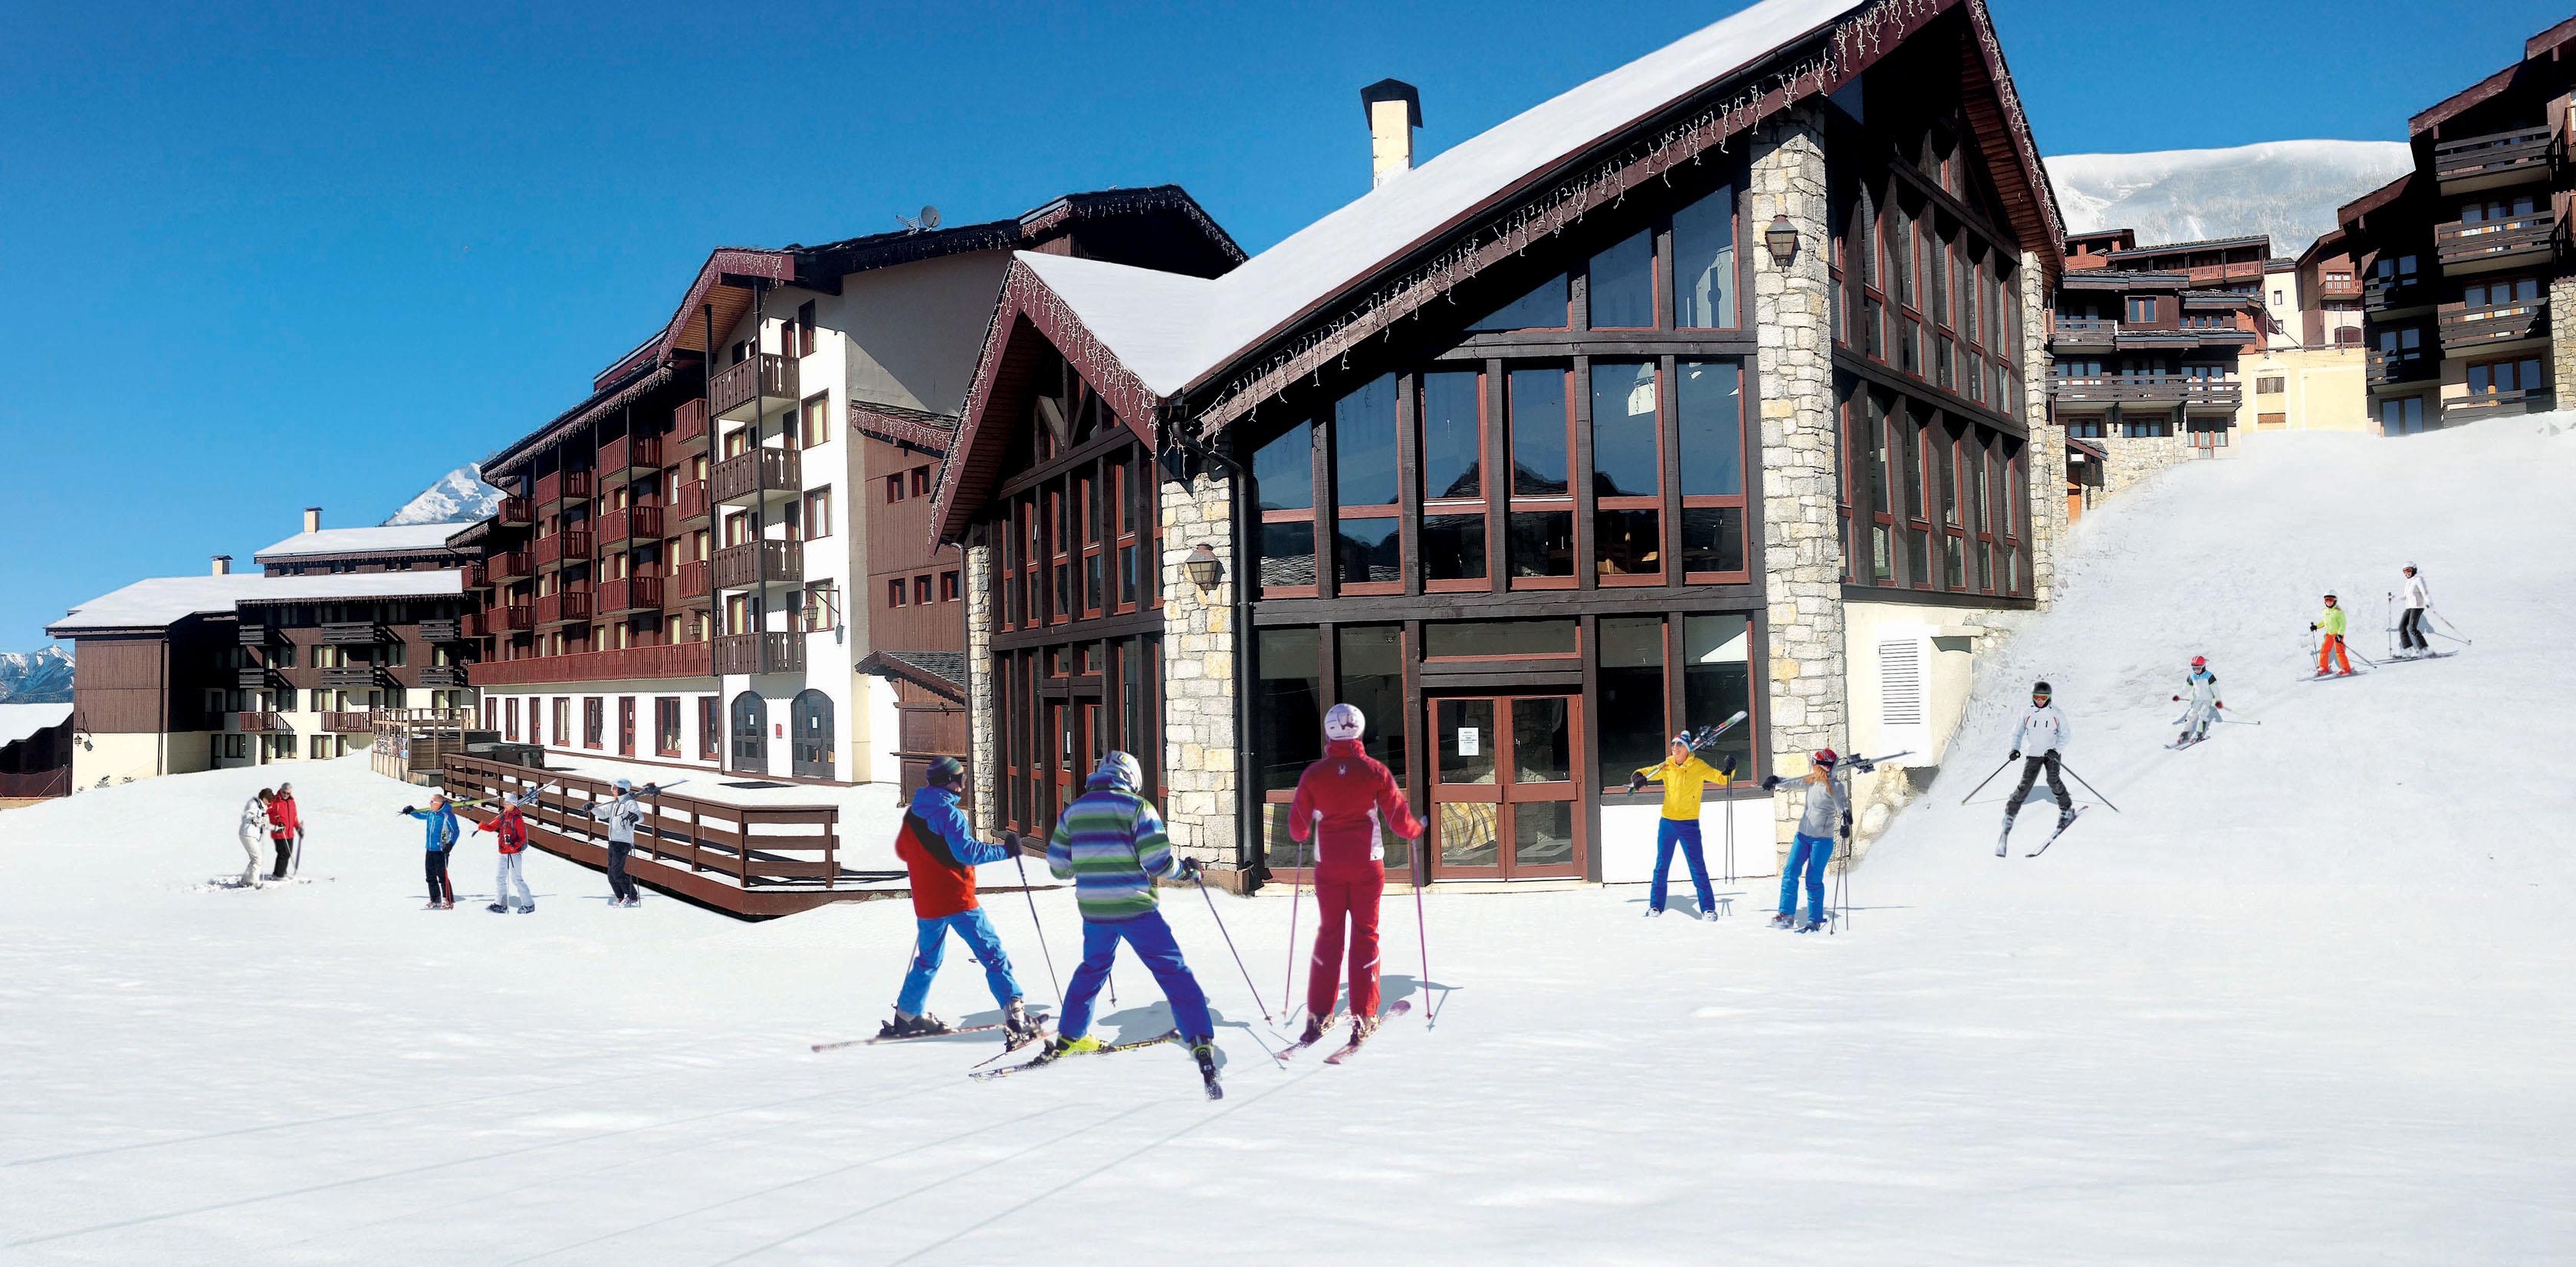 Hotel belle plagne 2100 vacances bleues la plagne for Vacances bleues erdeven